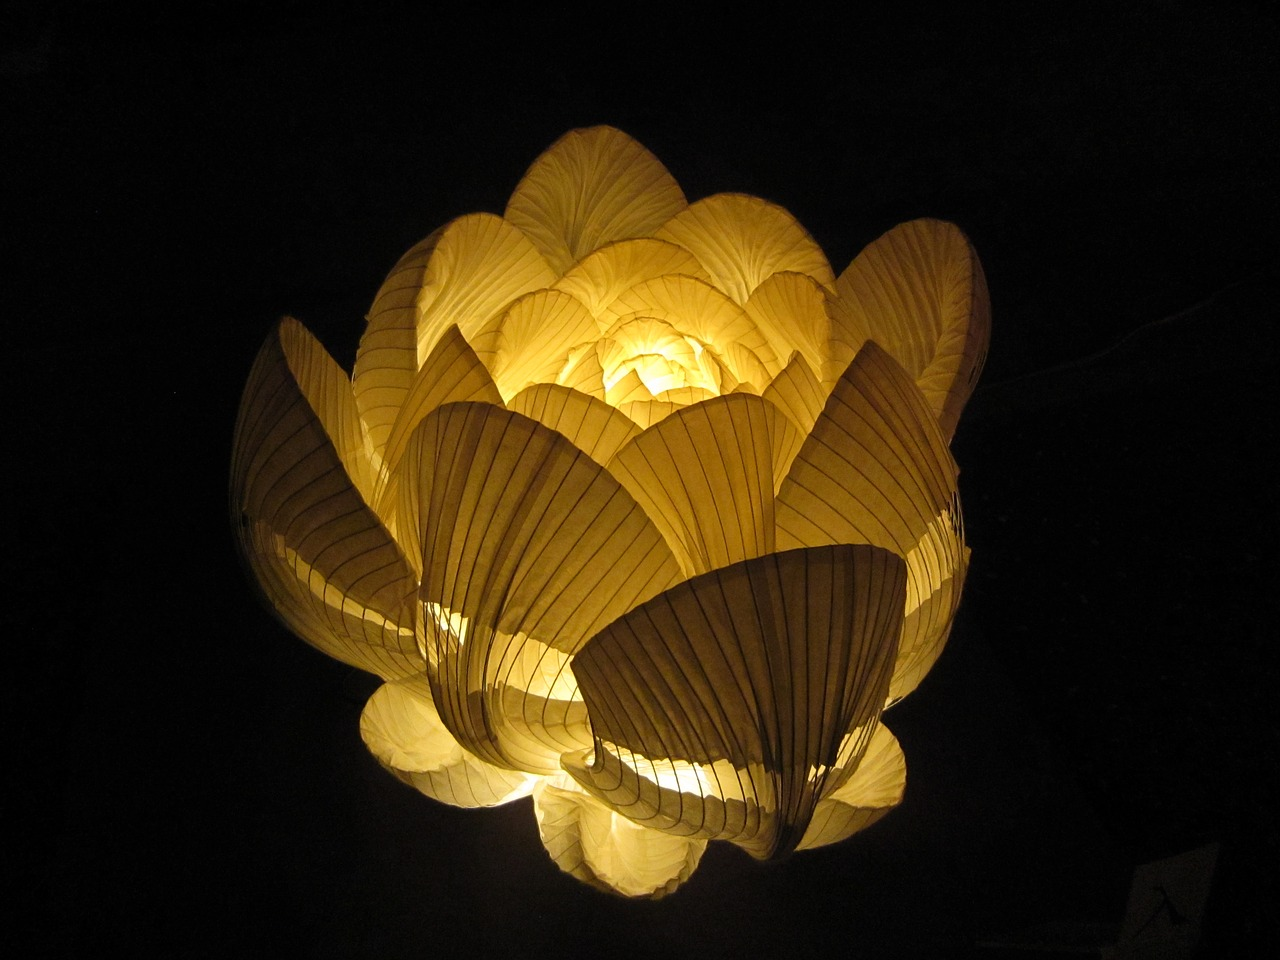 Lampadario Filo Di Ferro Fai Da Te : Lampade di carta arredare con le luci in stile giapponese